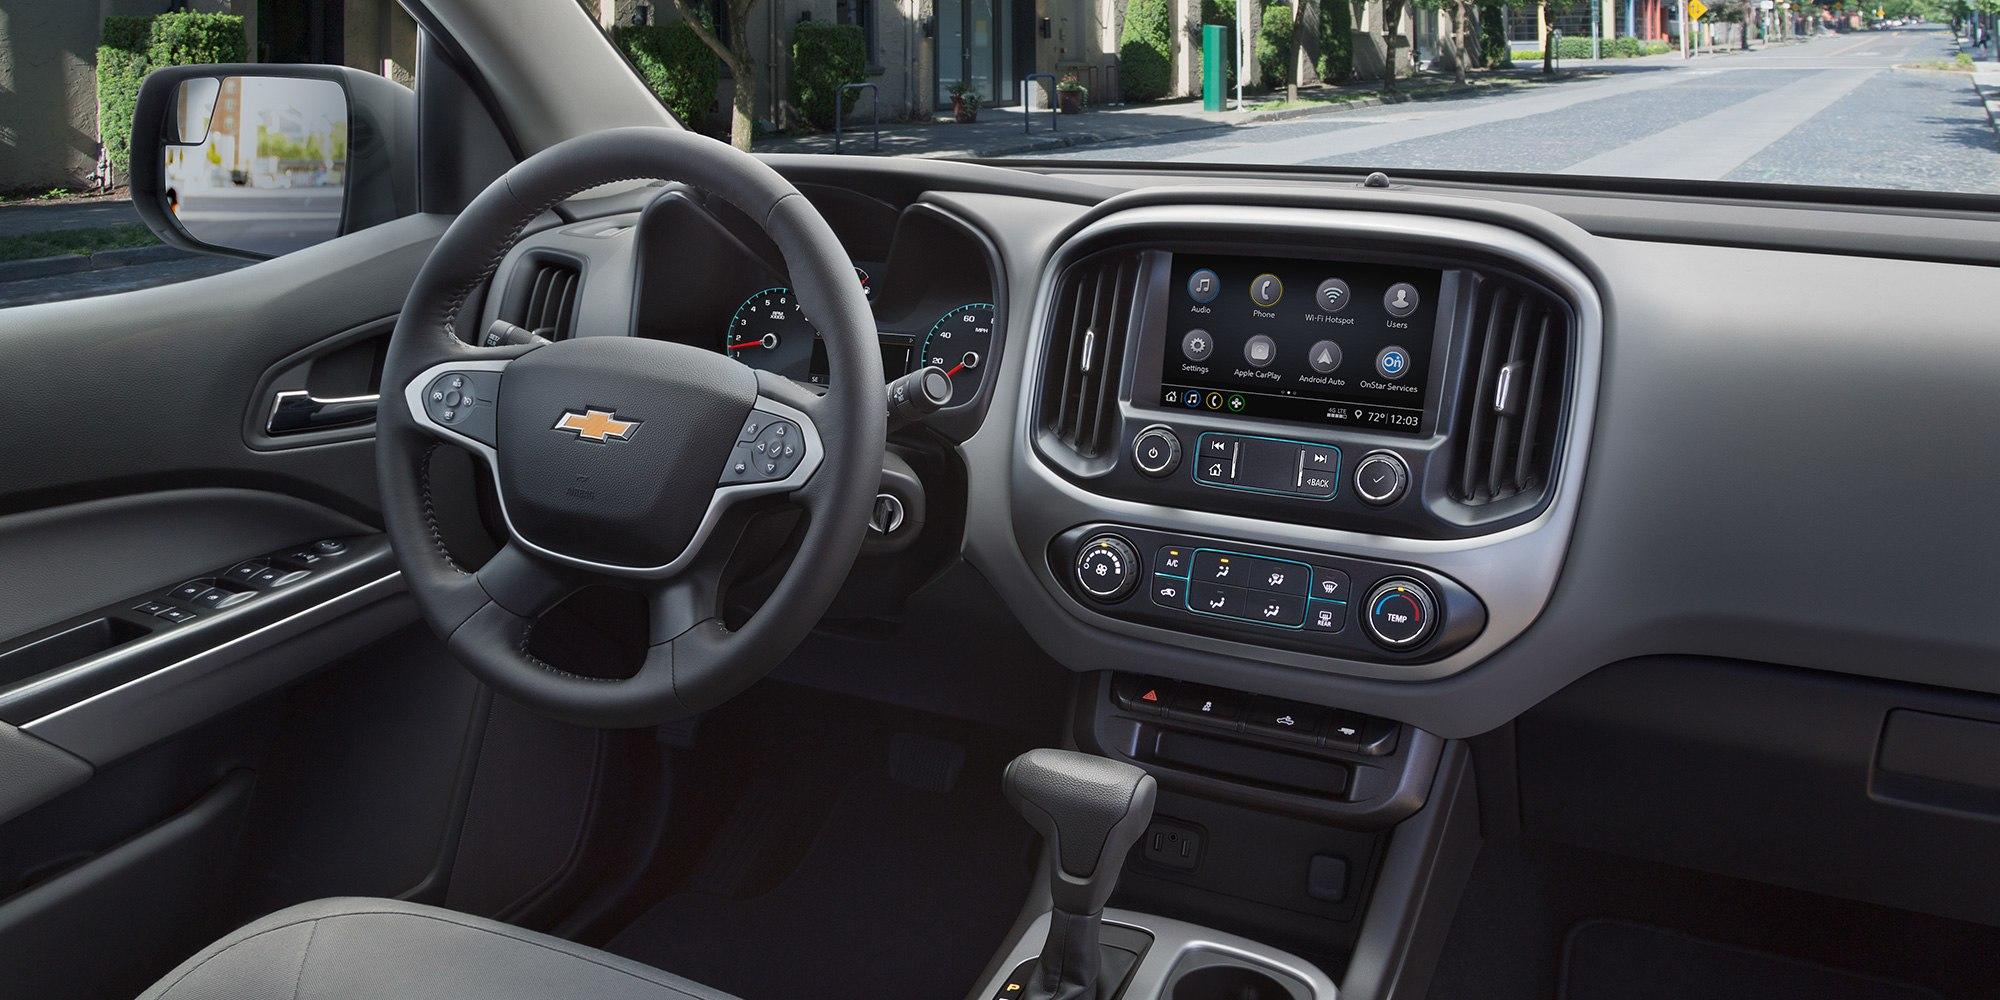 2019 Chevrolet Colorado Cockpit